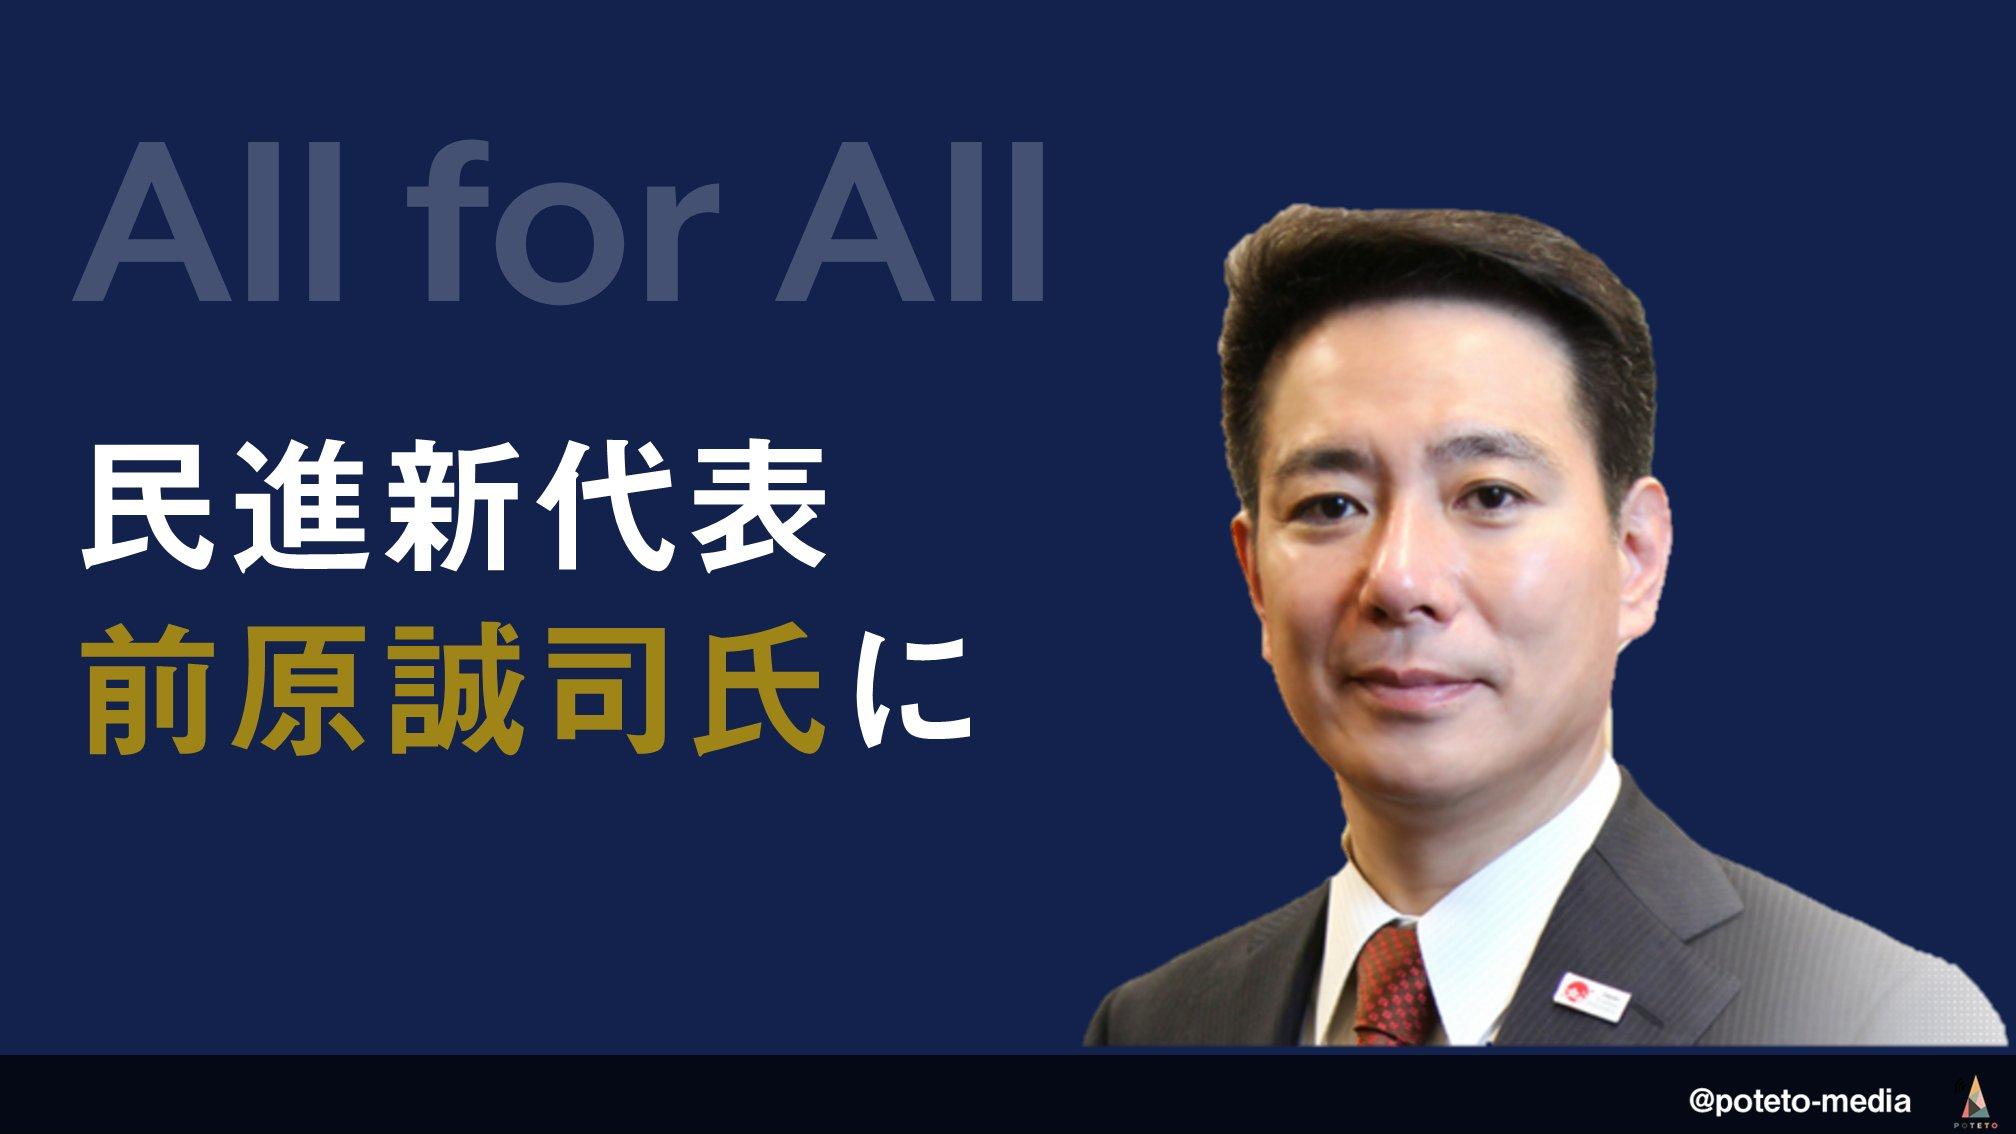 0901前原 2 - 2017.09.01<p>日本経済新聞のイチメンニュース